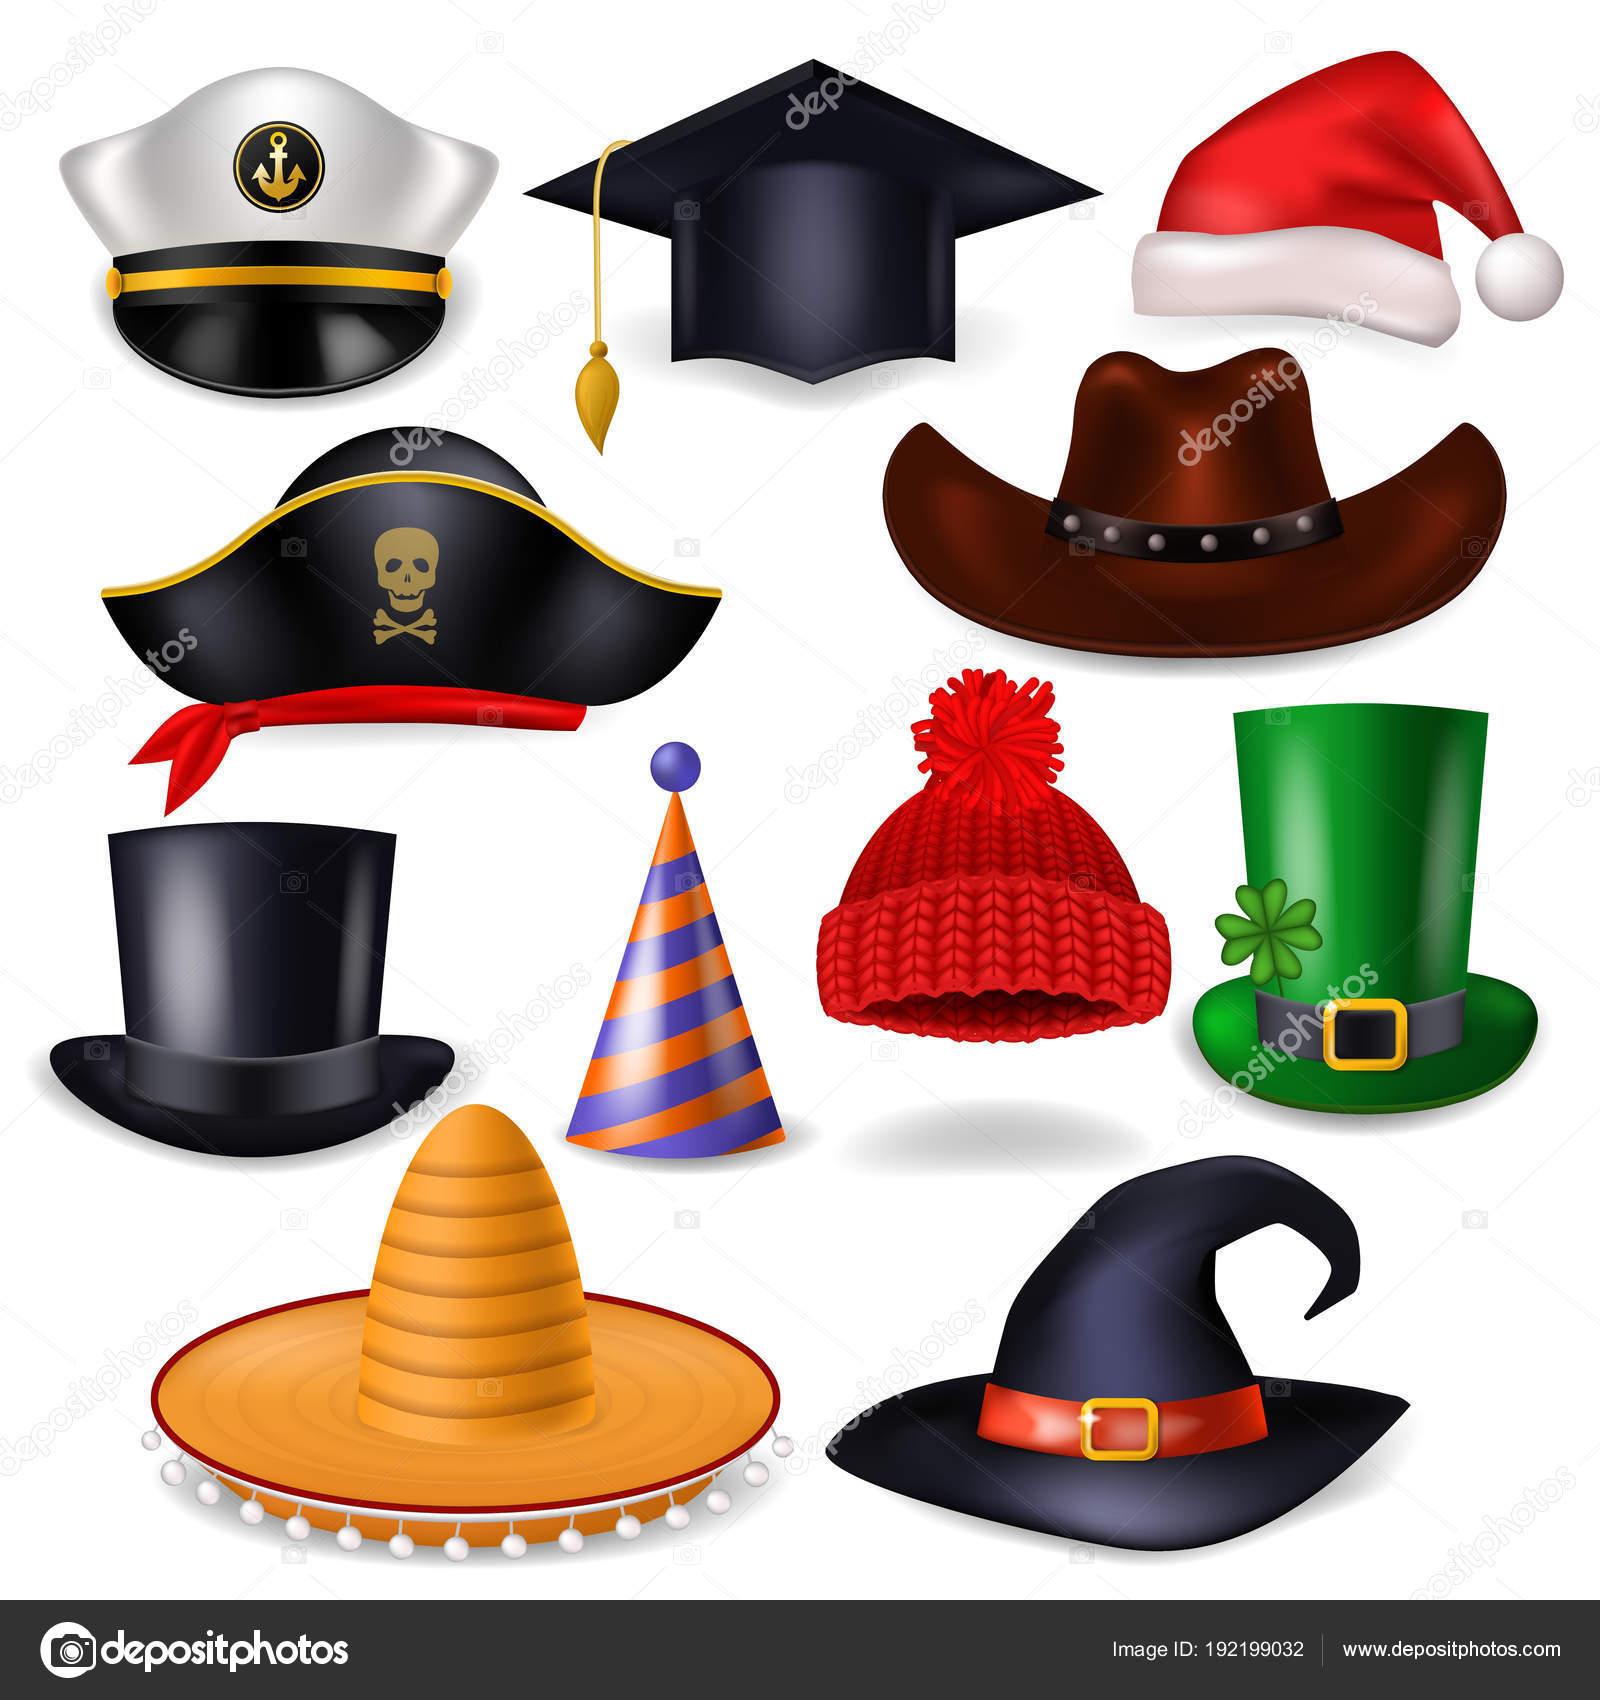 Dibujos animados sombrero vector comic cap para celebrar fiesta de  cumpleaños o Chrisrmas con sombrero santahat o pirata ilustración conjunto  de vaquero ... 0c305c6cca2